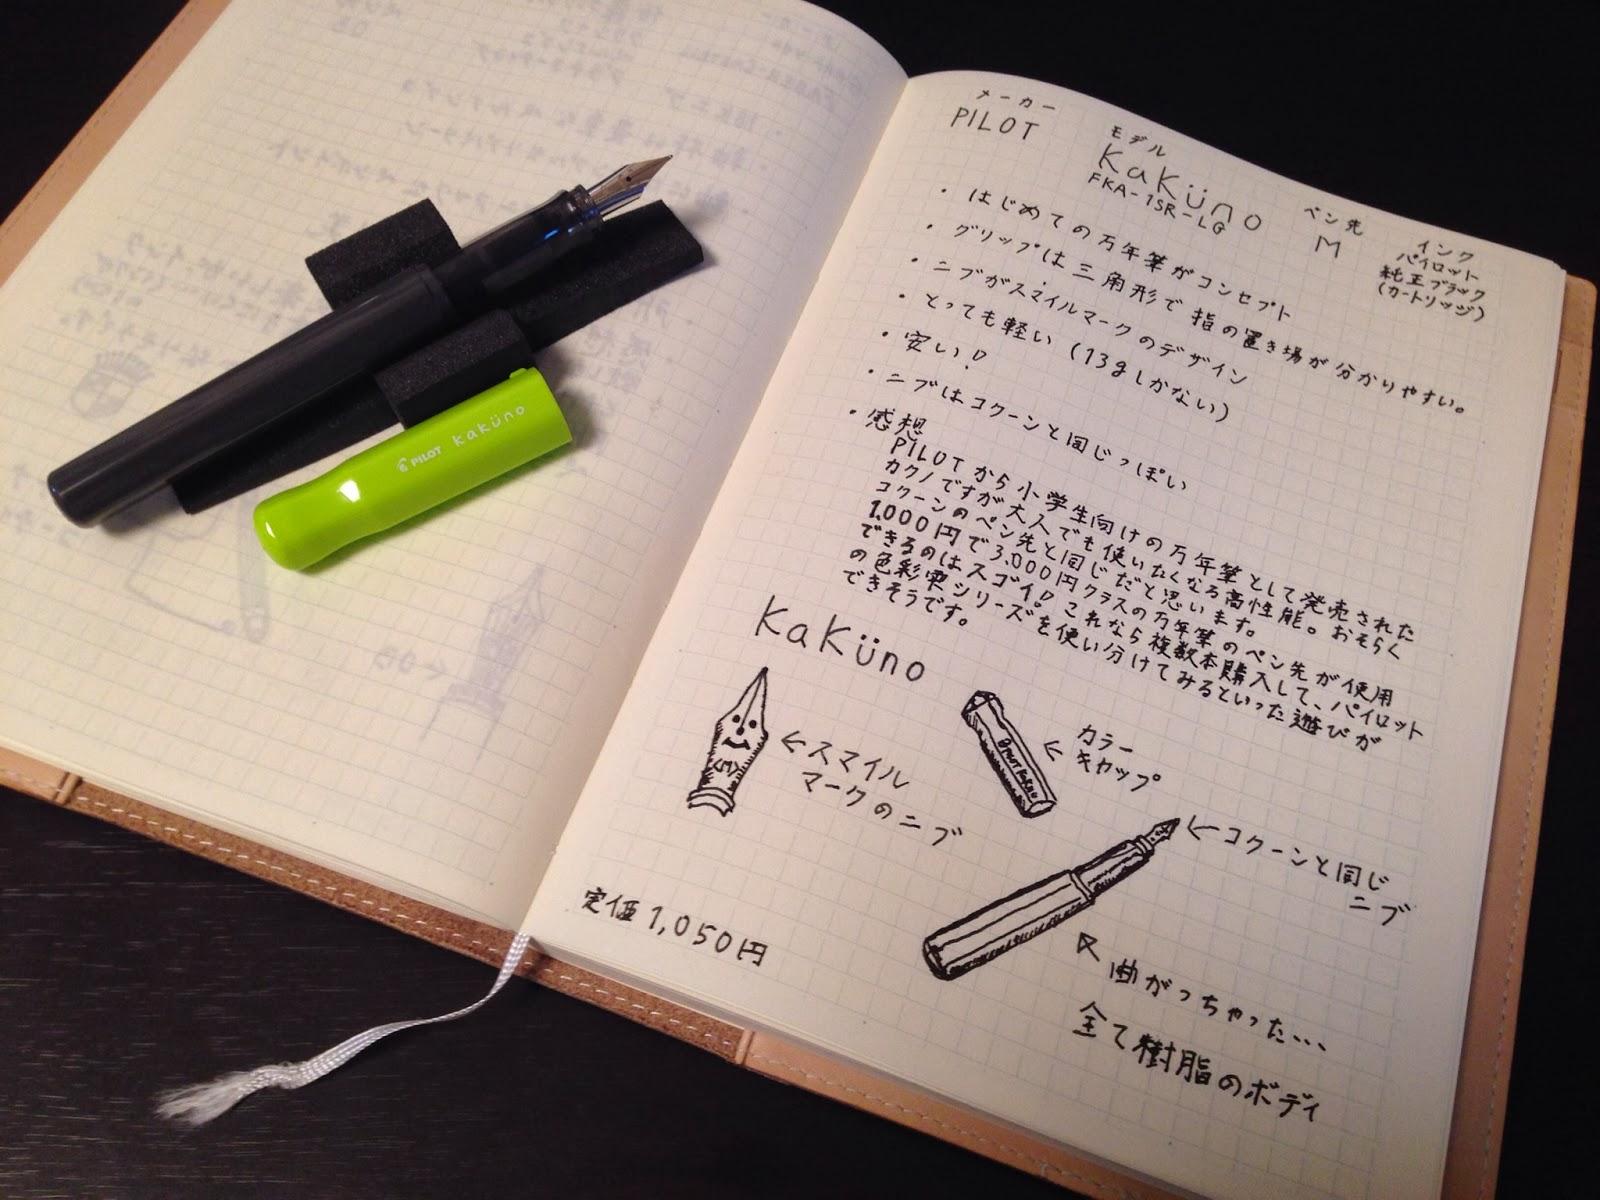 万年筆「カクノ」のインクが固まって書けなくなっ …